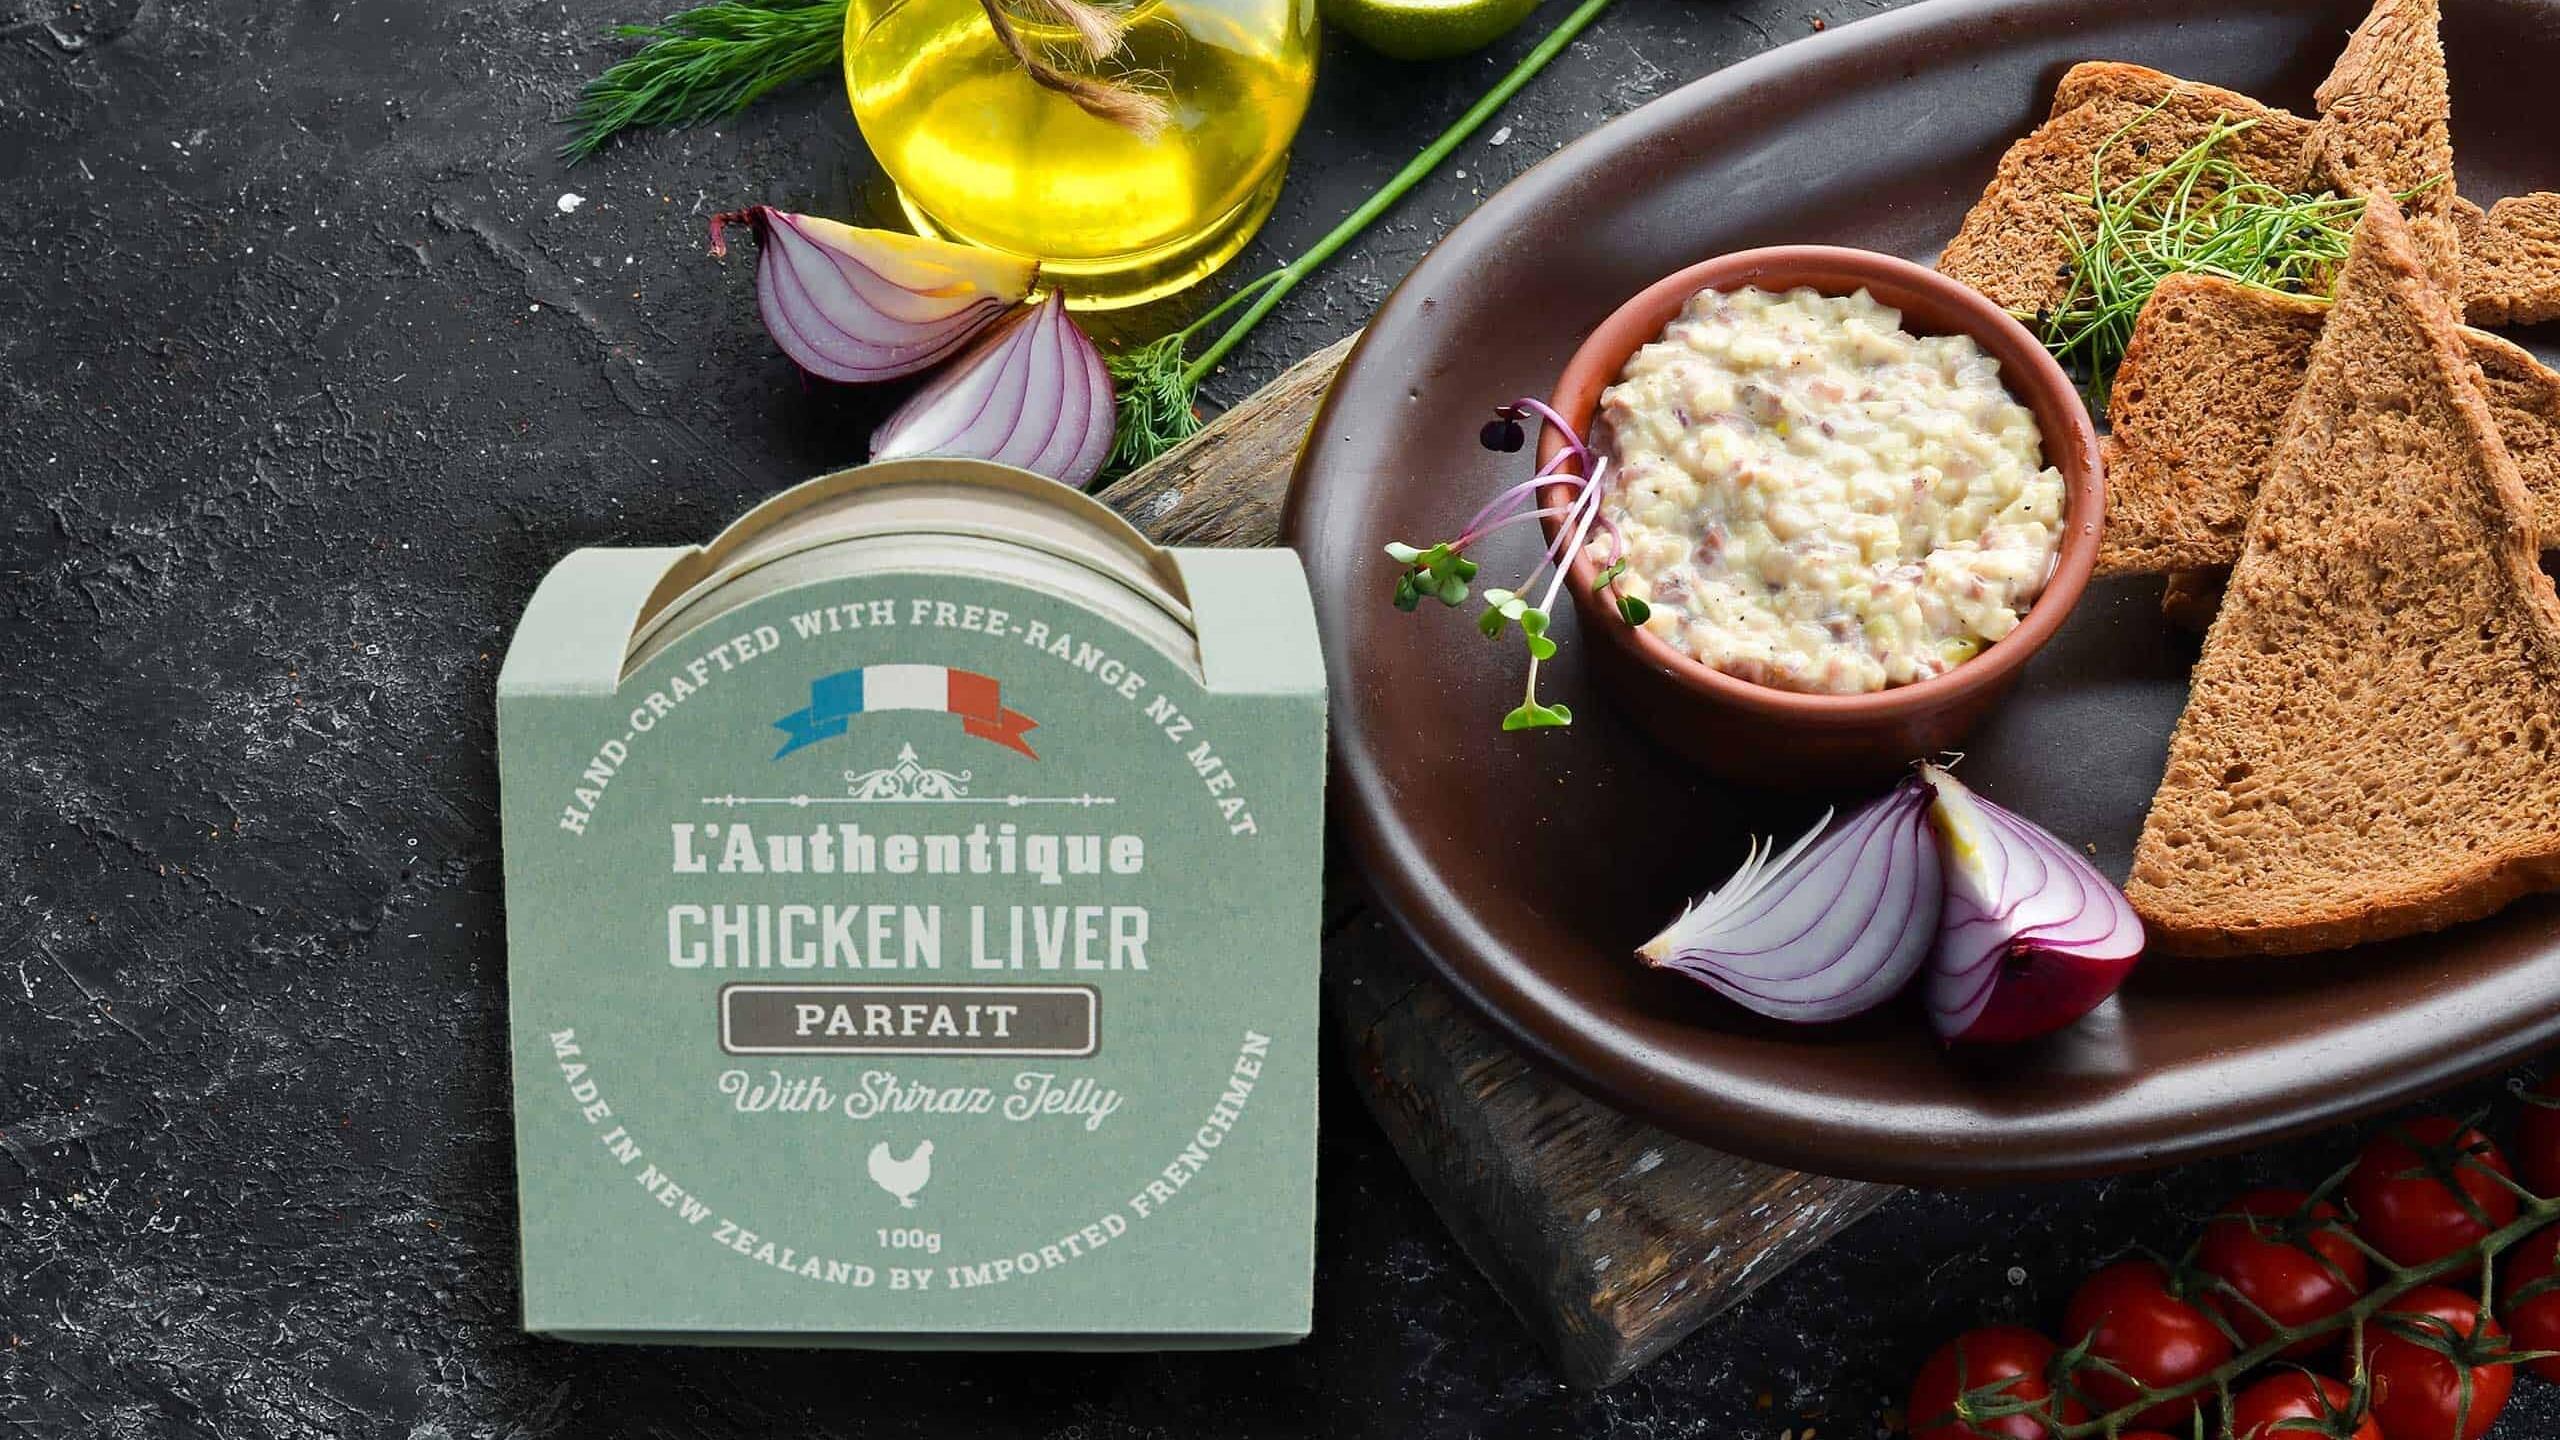 L'Authentique Chicken Liver Parfait